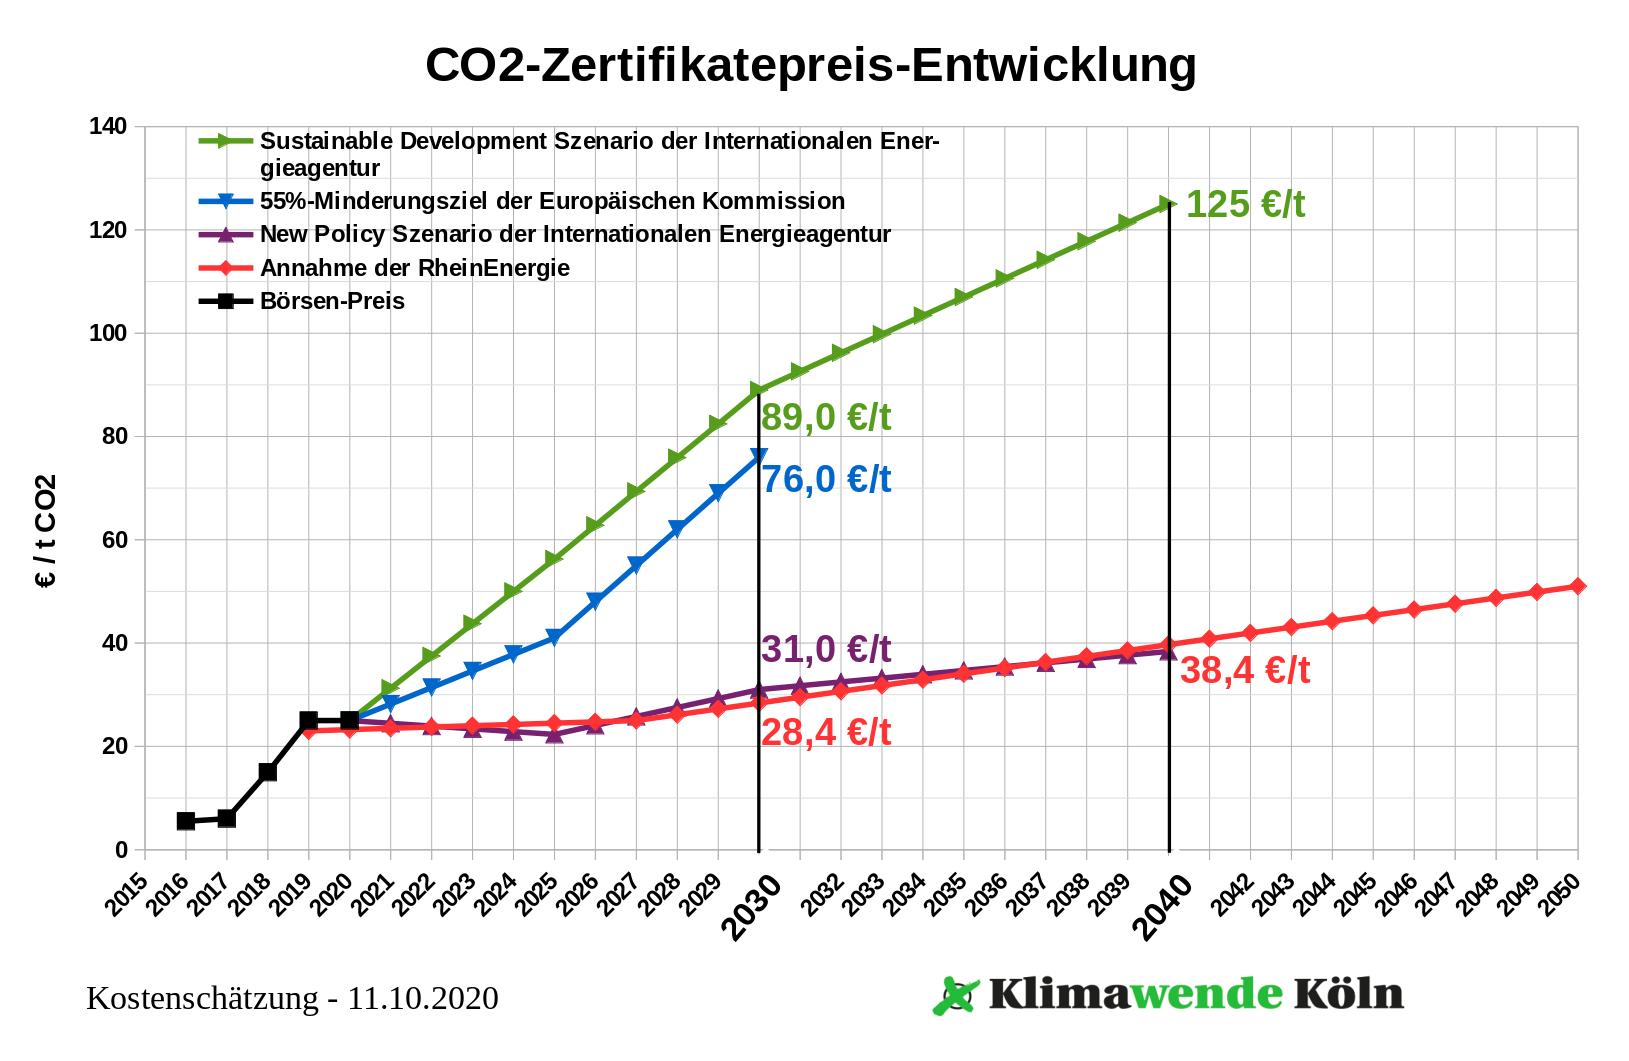 CO2-Zertifikatepreis-Entwicklung